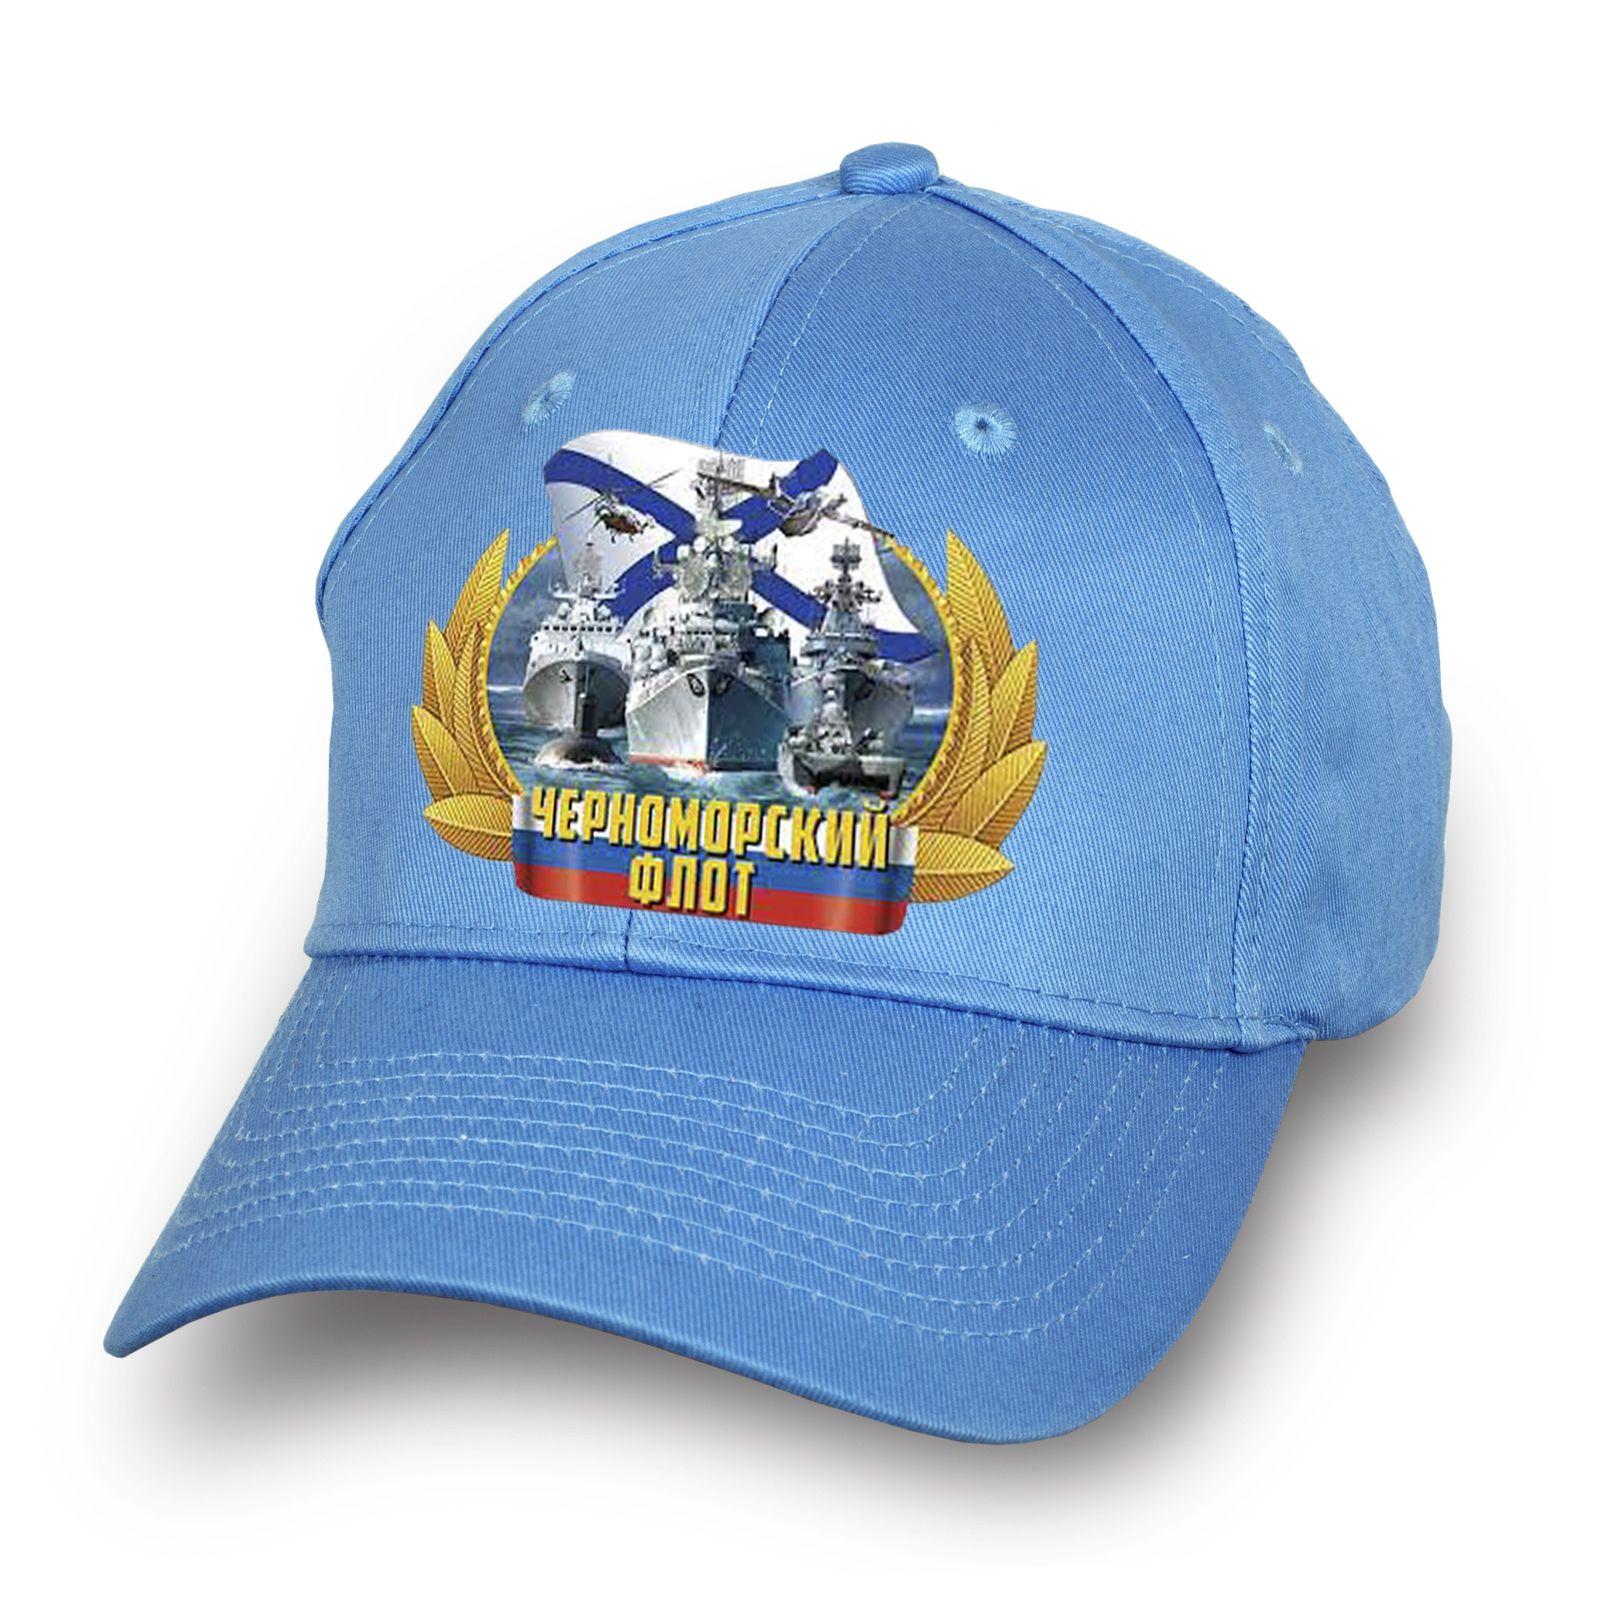 Бейсболка матроса Черноморского флота - купить в интернет-магазине